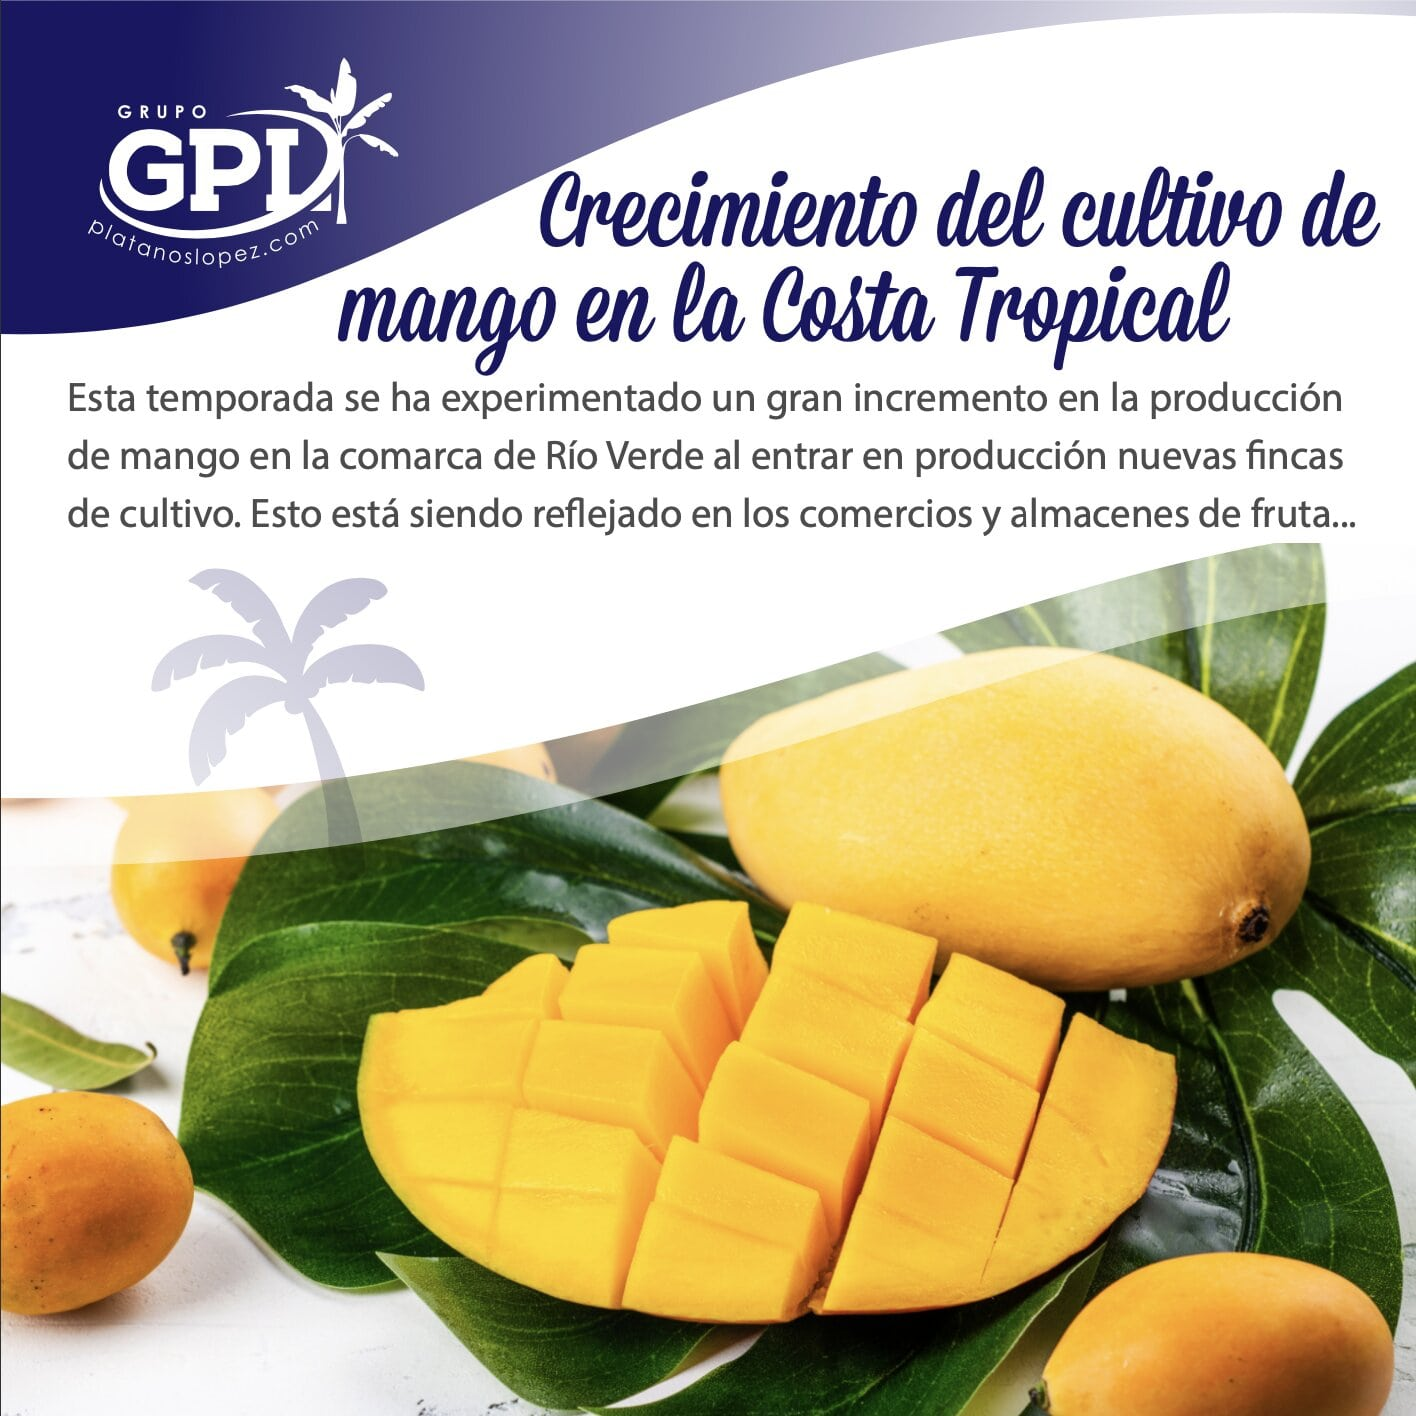 La producción de mango crece en la costa tropical